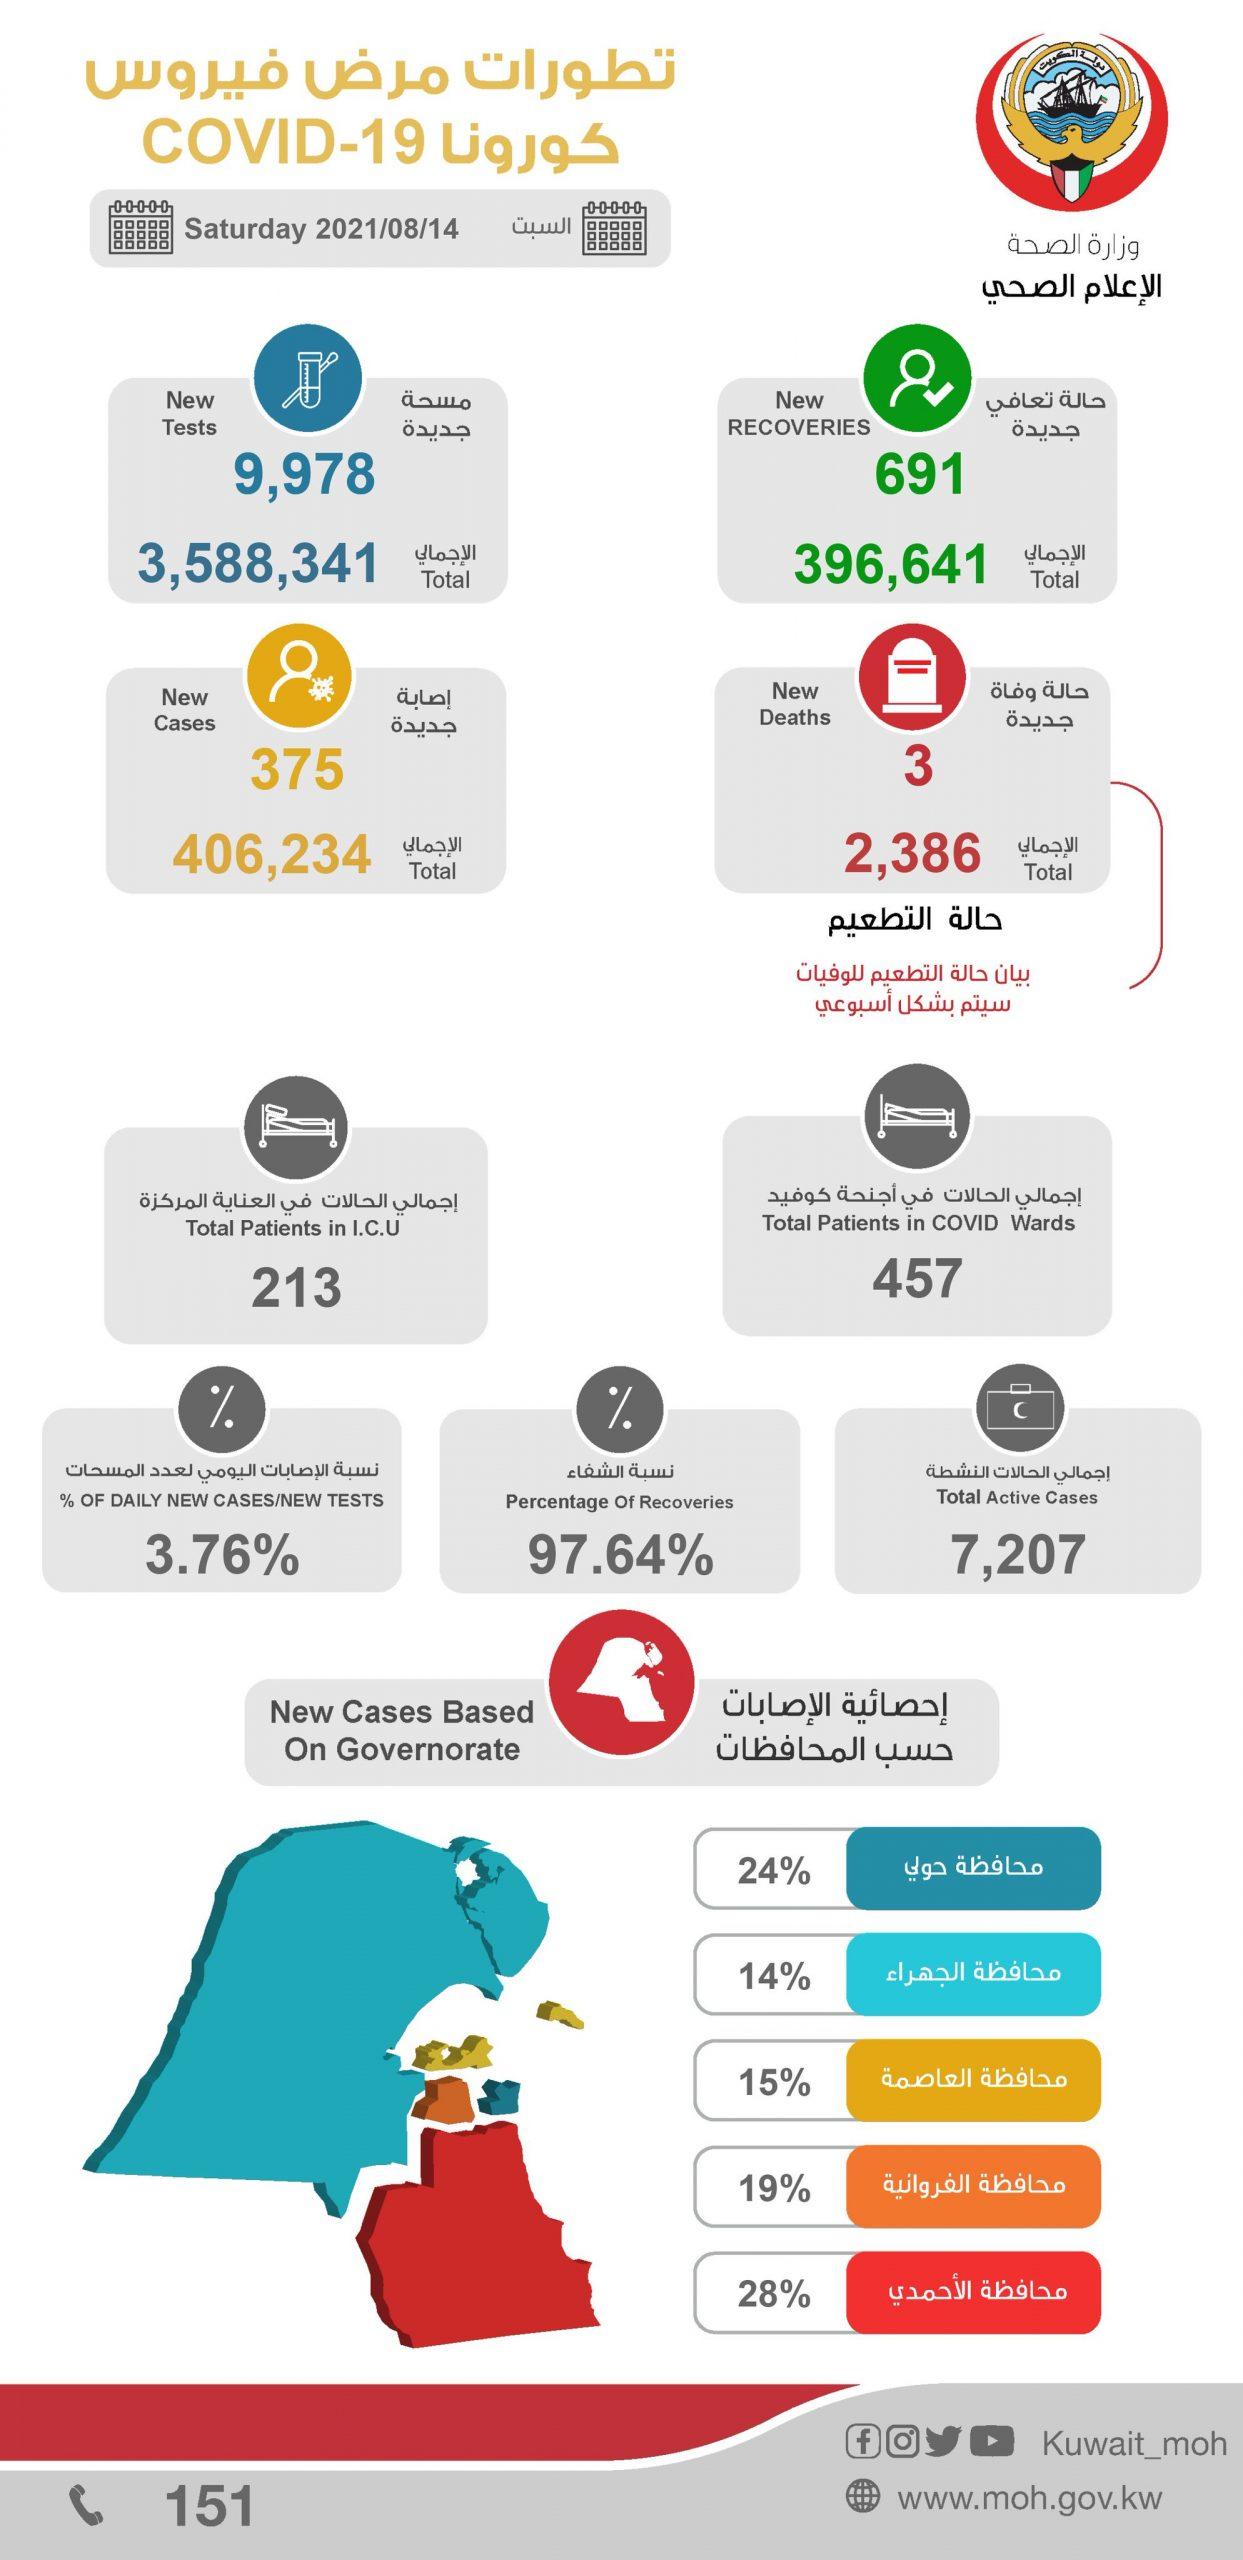 """""""#الصحة"""": 375 إصابة جديدة بفيروس #كورونا.. و3 حالات وفاة. #العبدلي"""